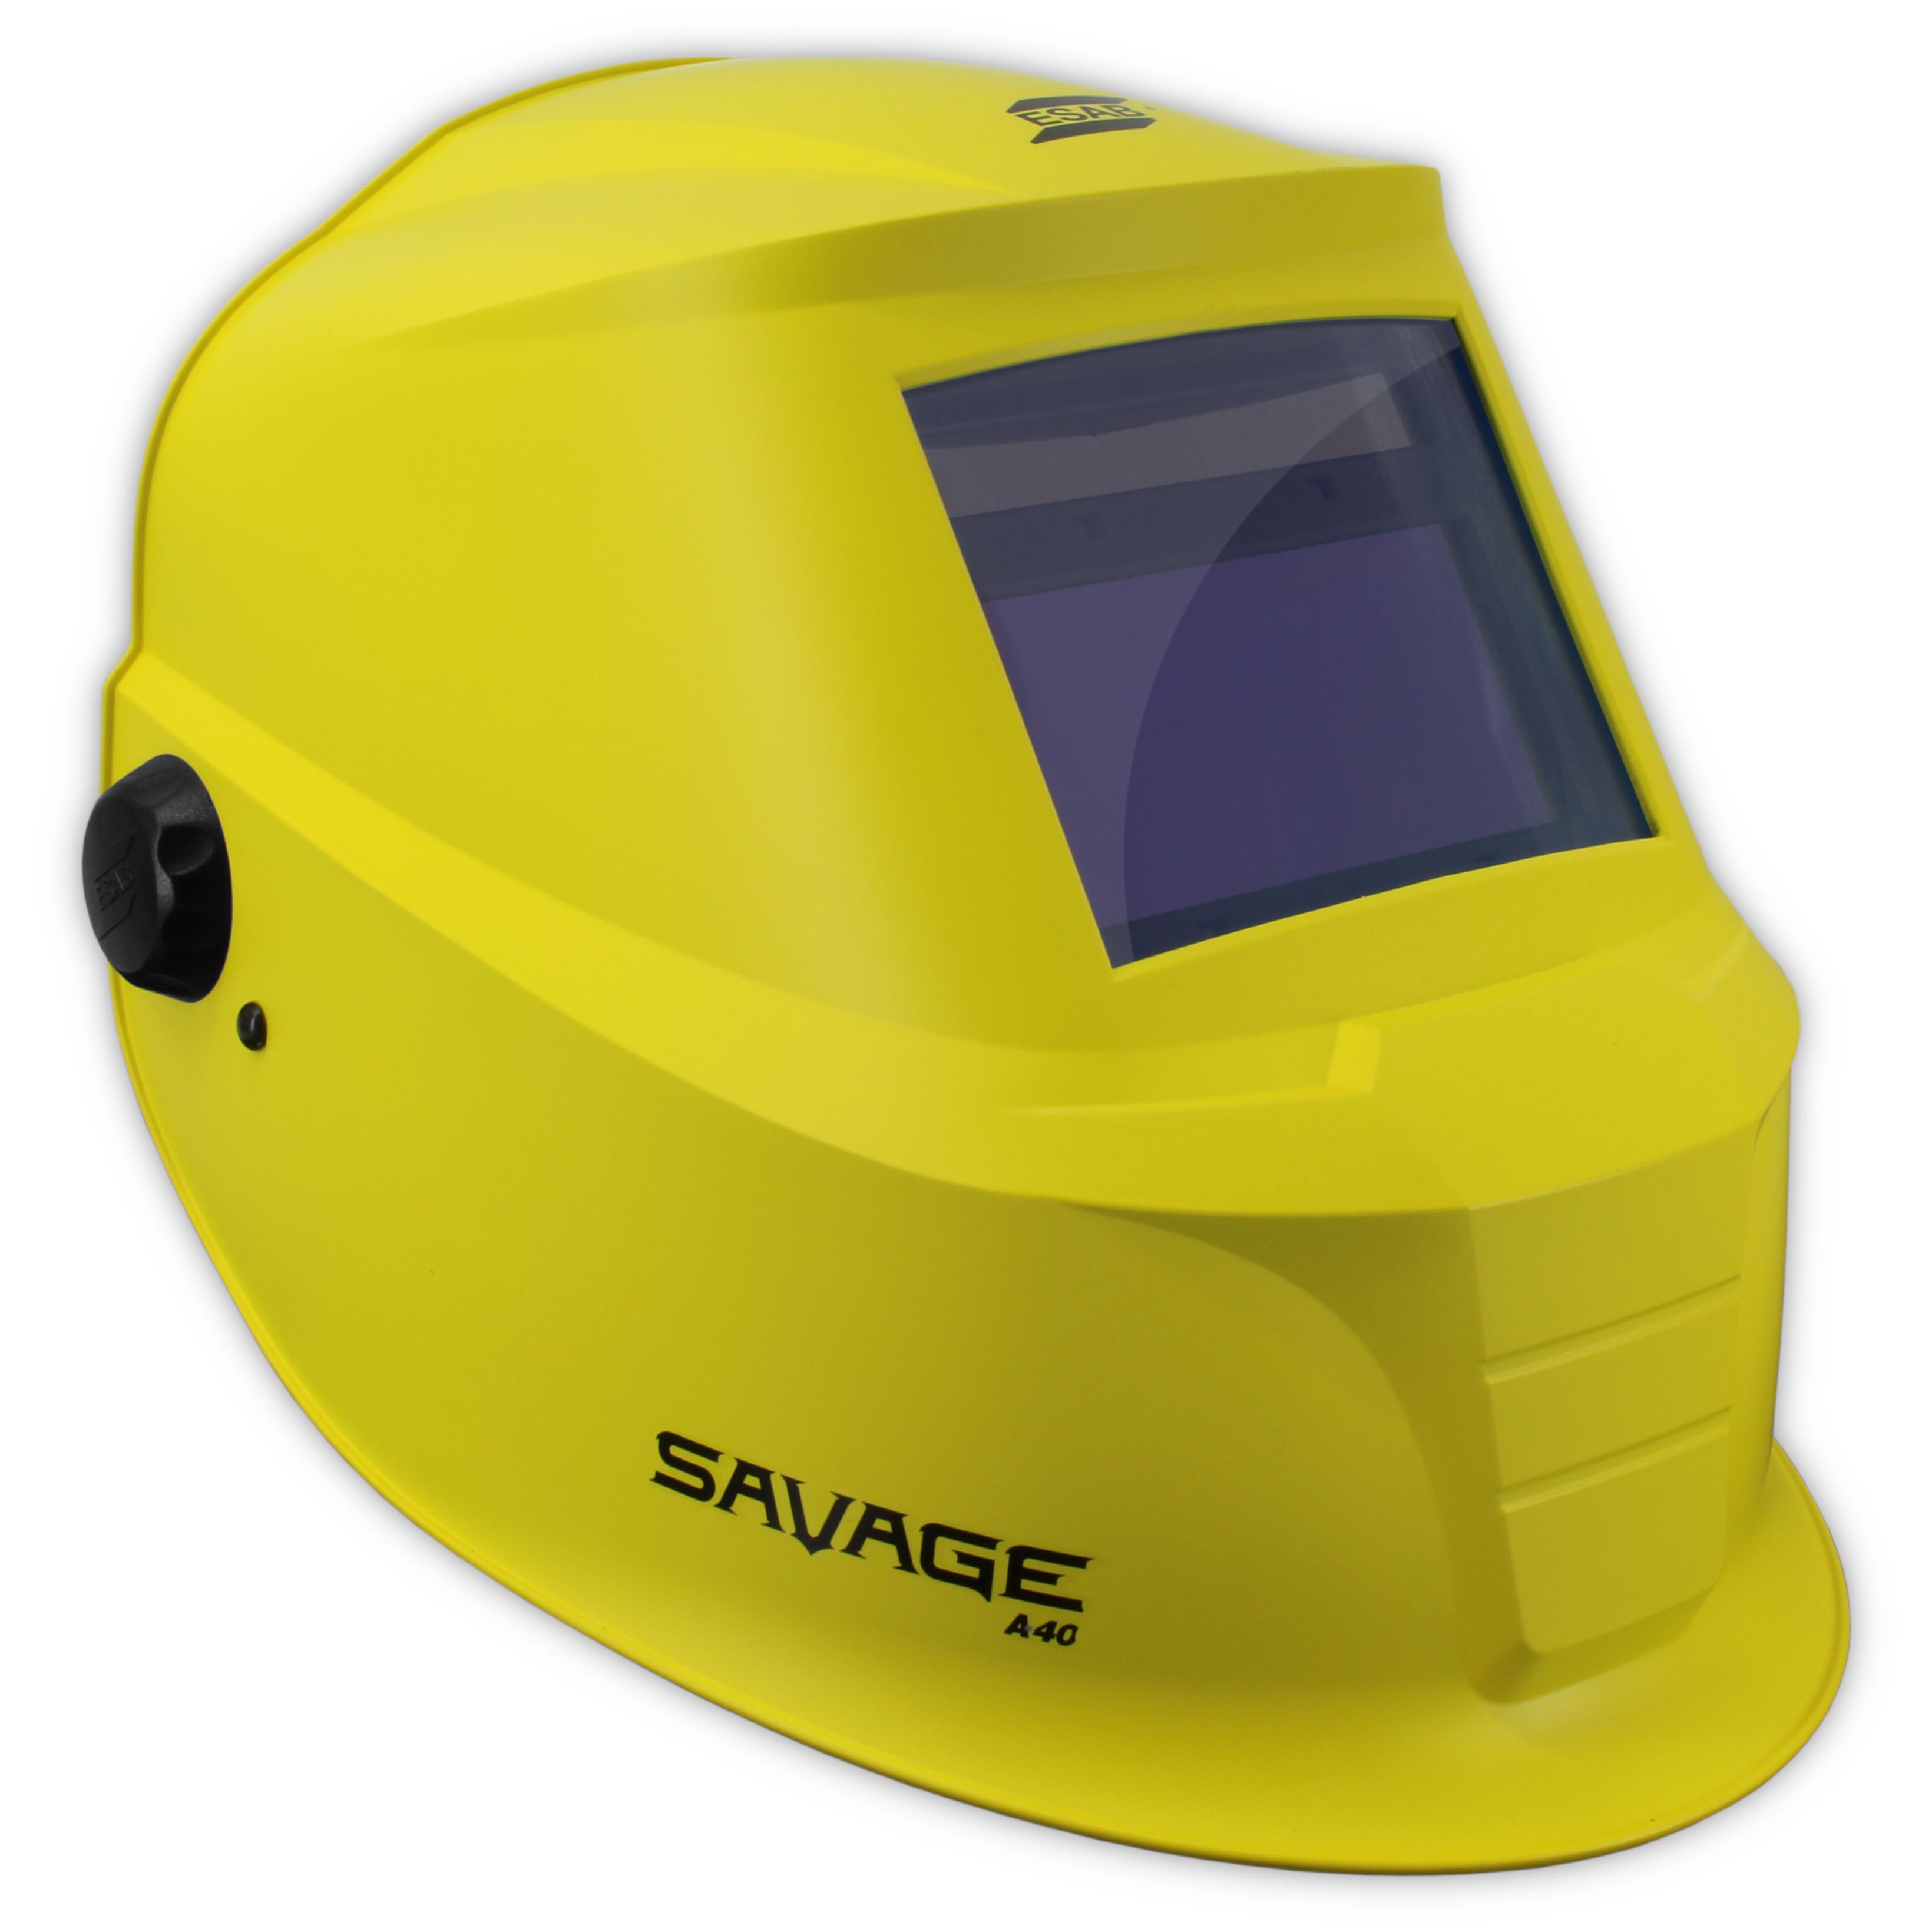 NEU 2020 ESAB Savage A40 WAHRE FARBE Schweißhelmmaske Schweißhelm